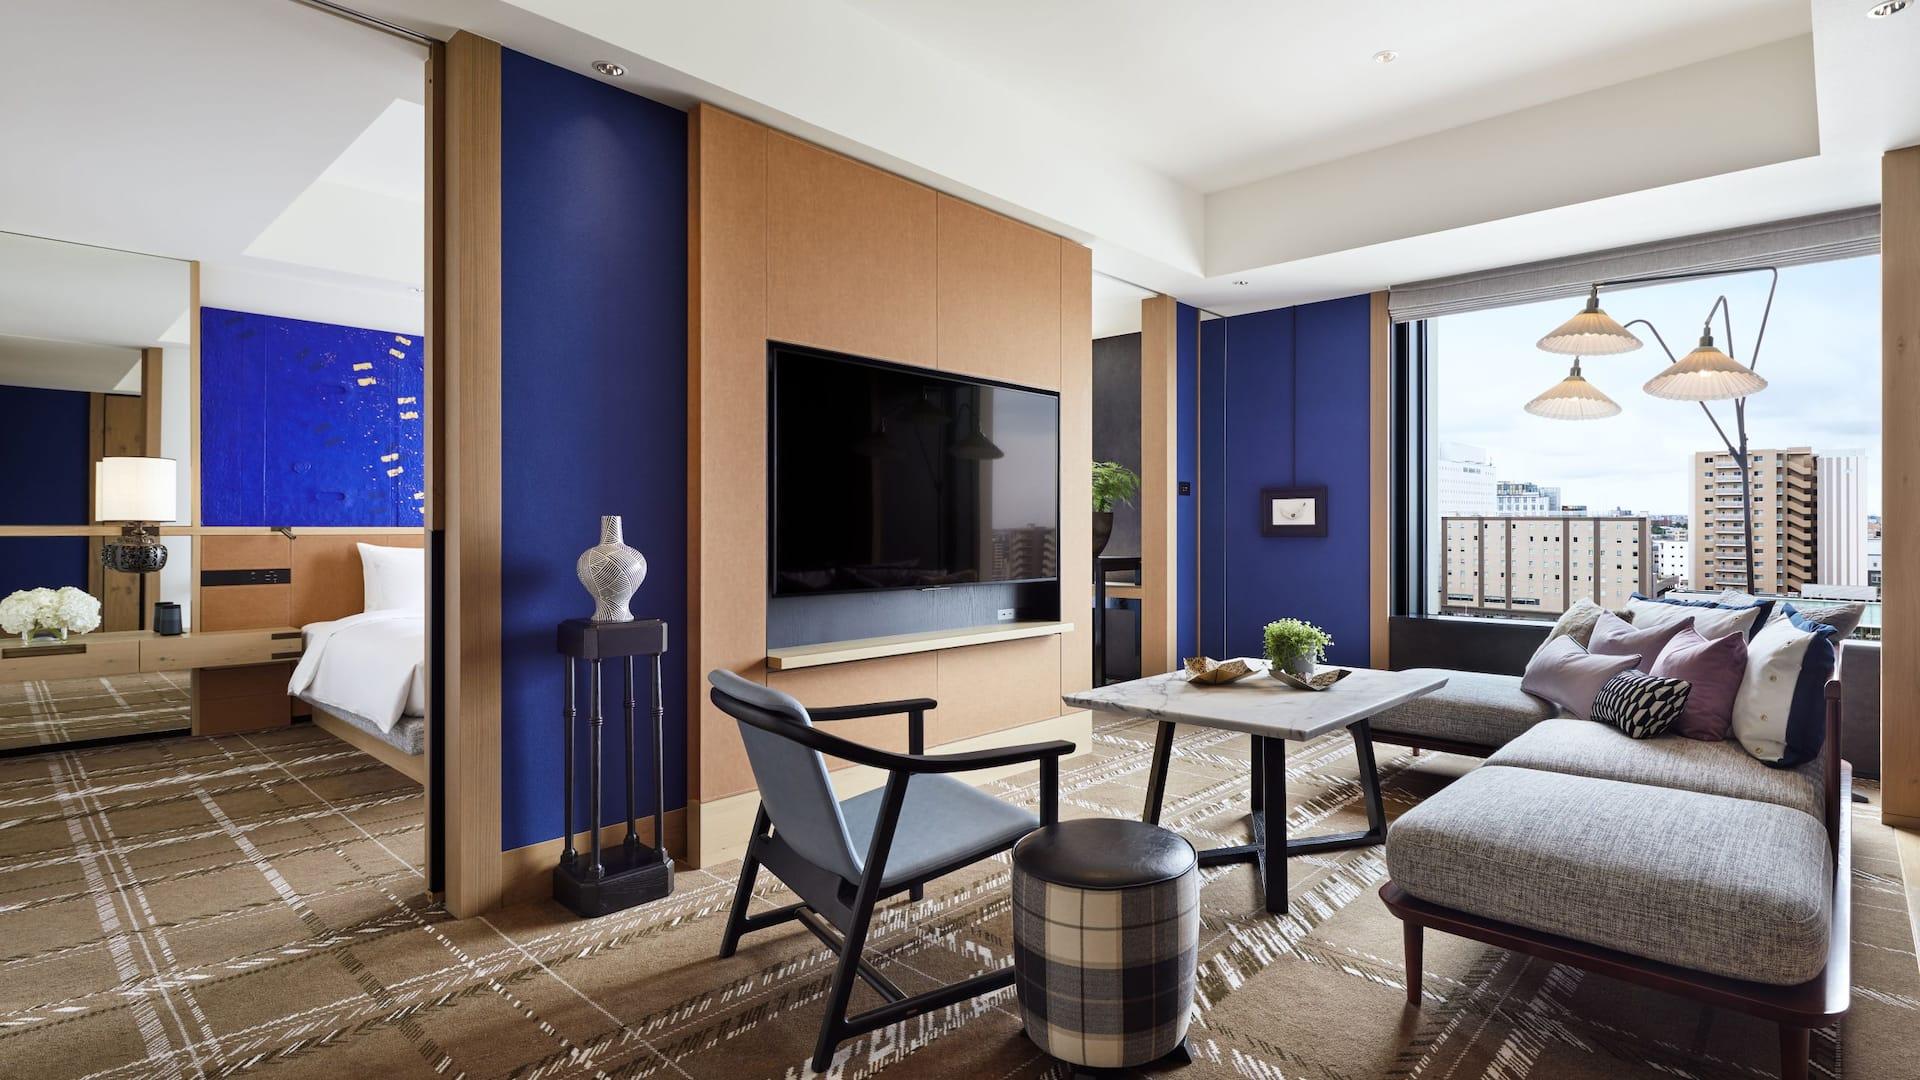 Hyatt Centric Kanazawa Suite Living Space